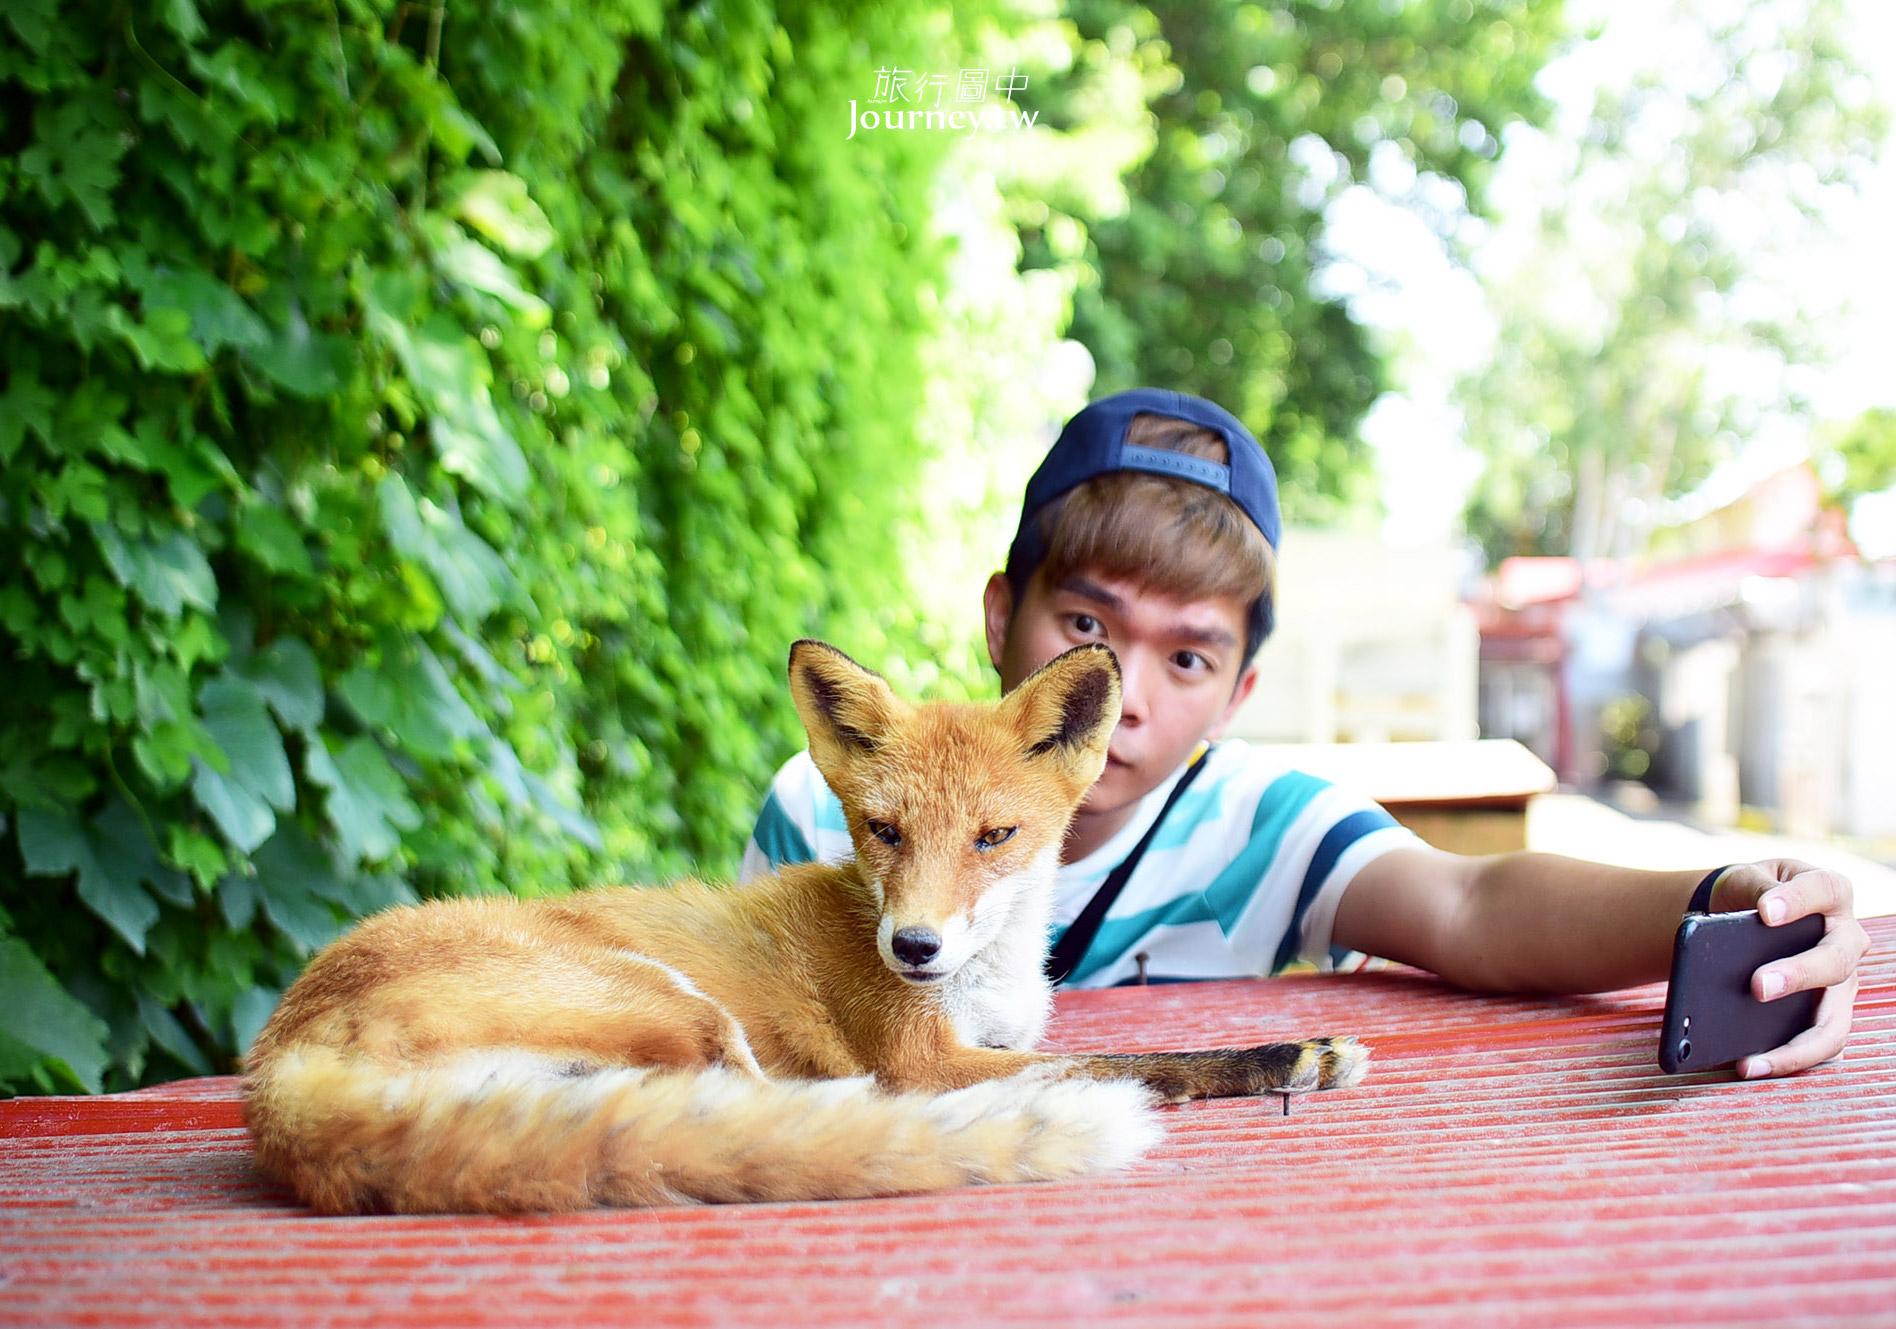 60隻狐狸的萌學園:北見狐狸牧場